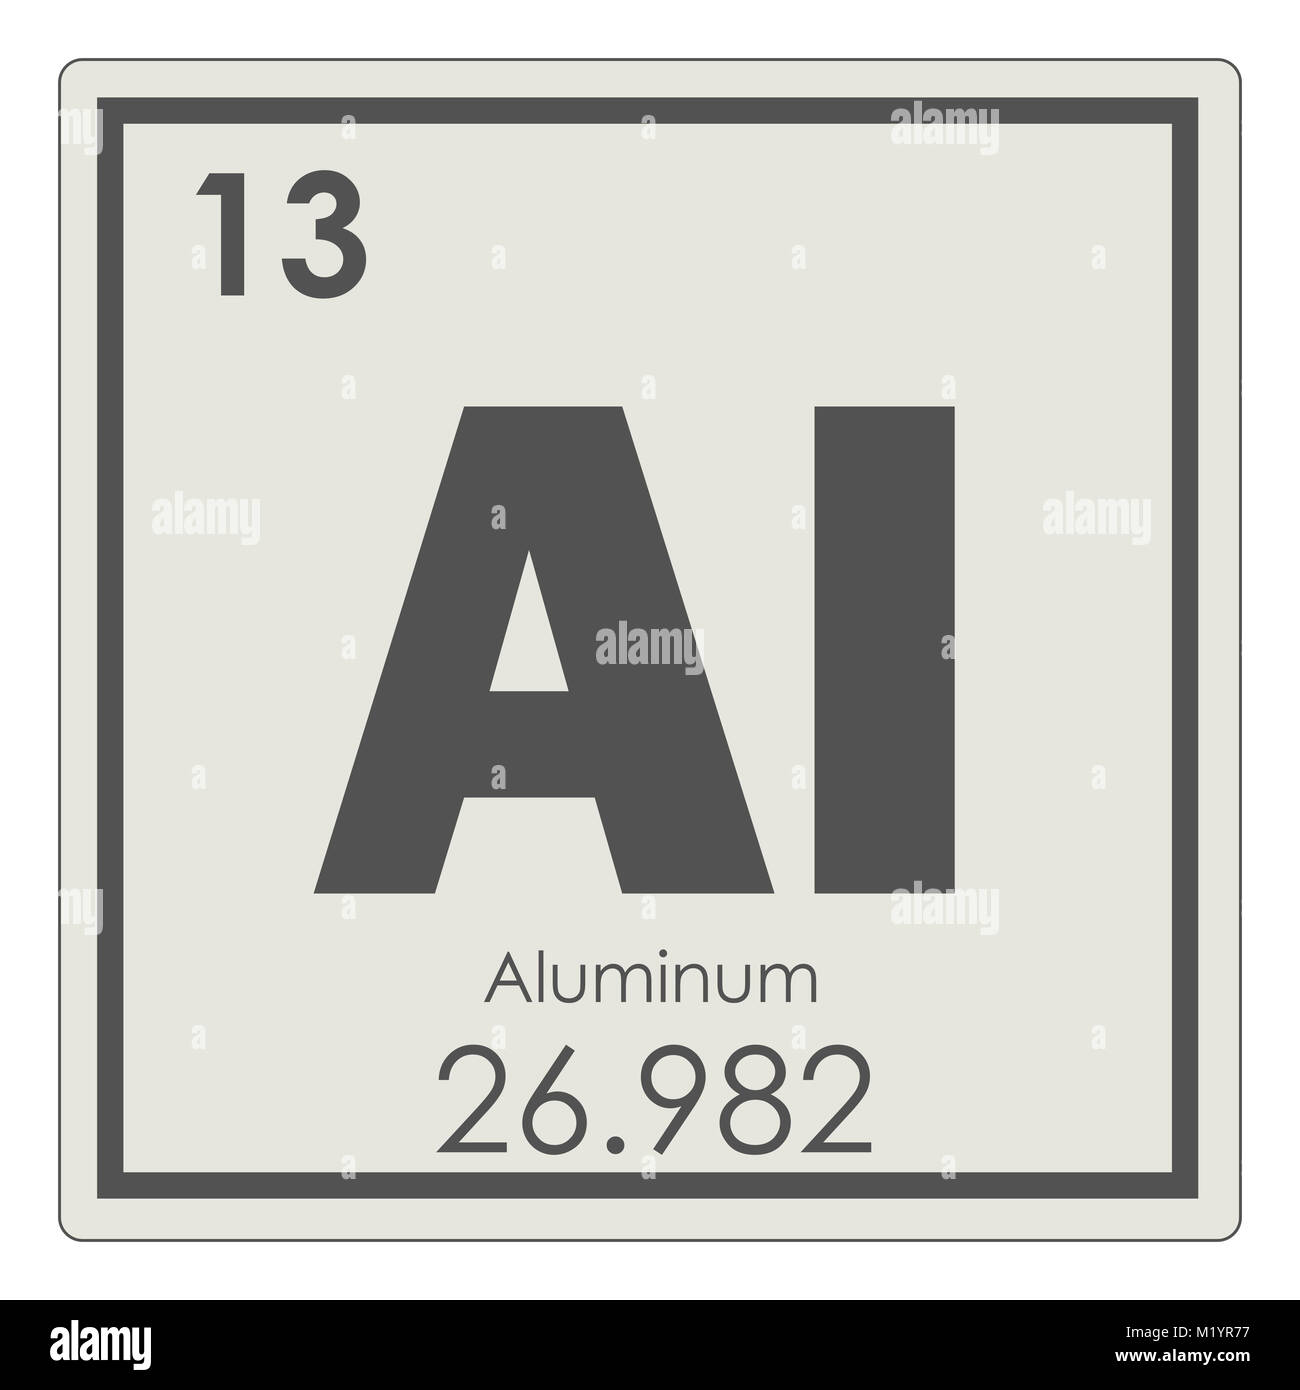 Aluminum chemical element periodic table science symbol stock photo aluminum chemical element periodic table science symbol urtaz Choice Image